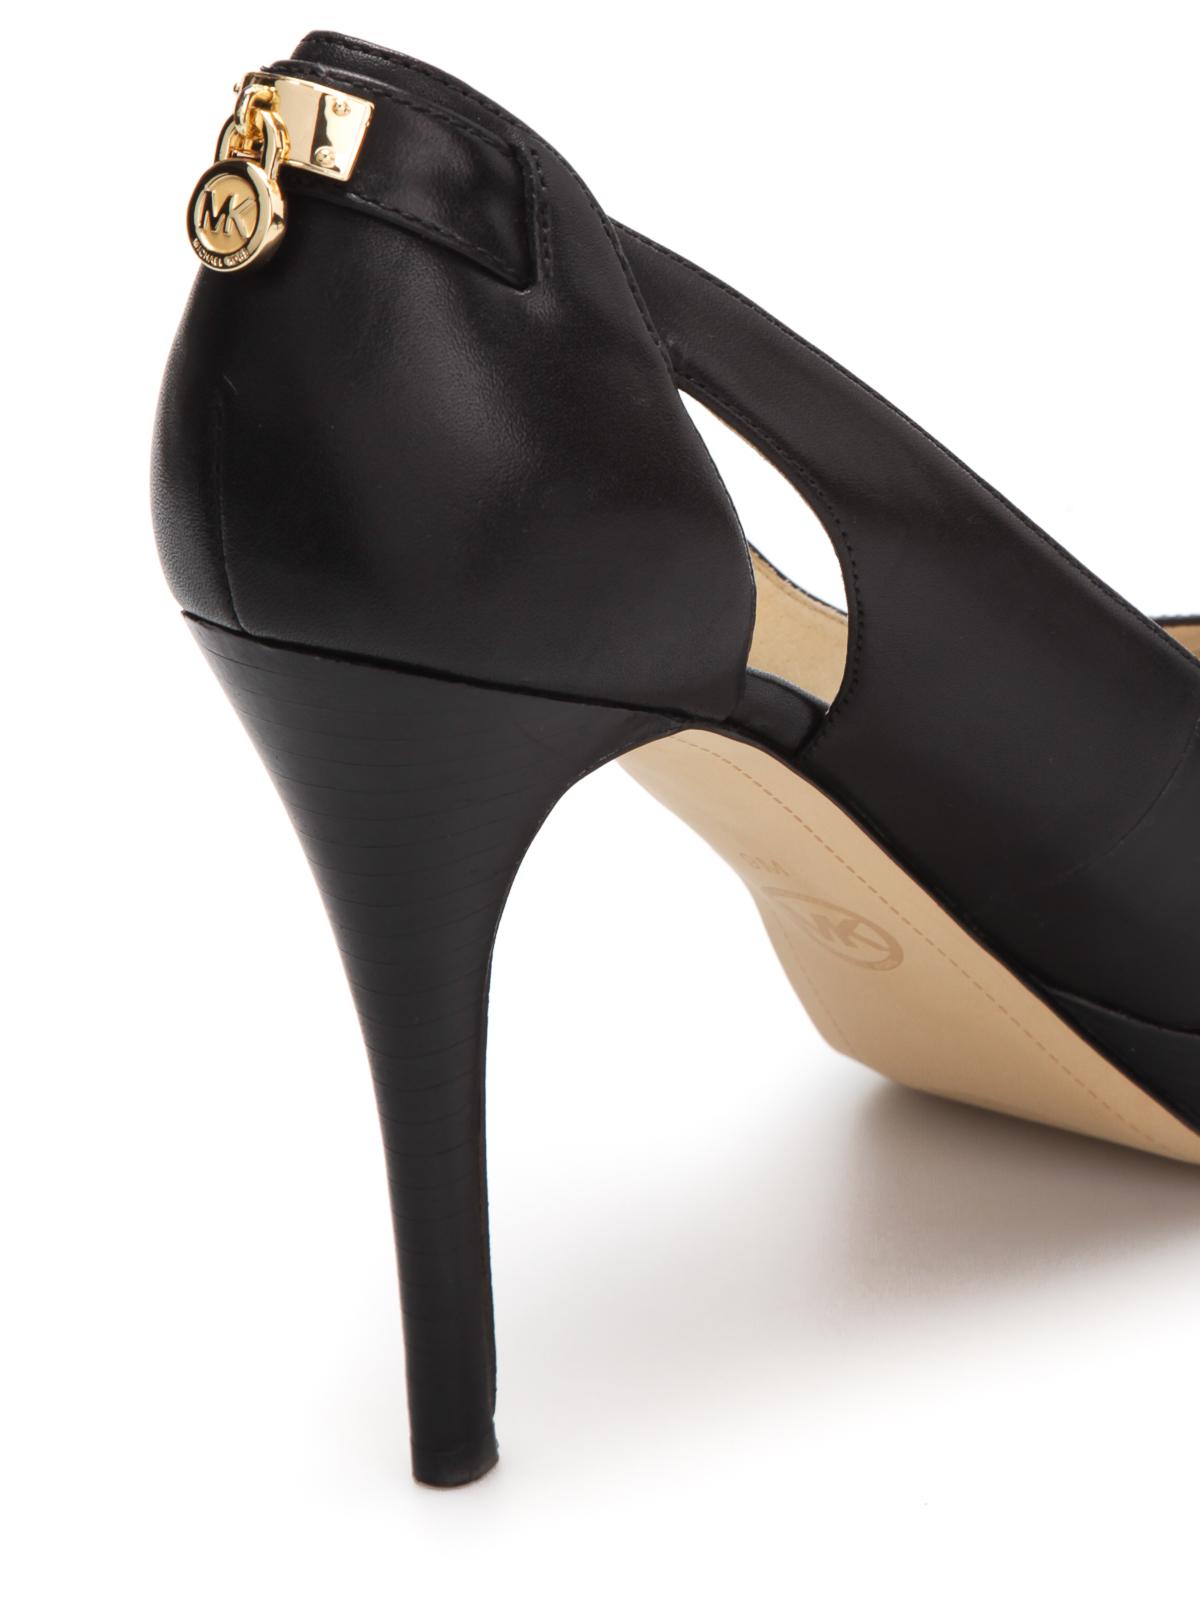 5f9f9f047b43 iKRIX MICHAEL KORS  court shoes - Hamilton open toe. Hamilton open toe shop  online  MICHAEL KORS